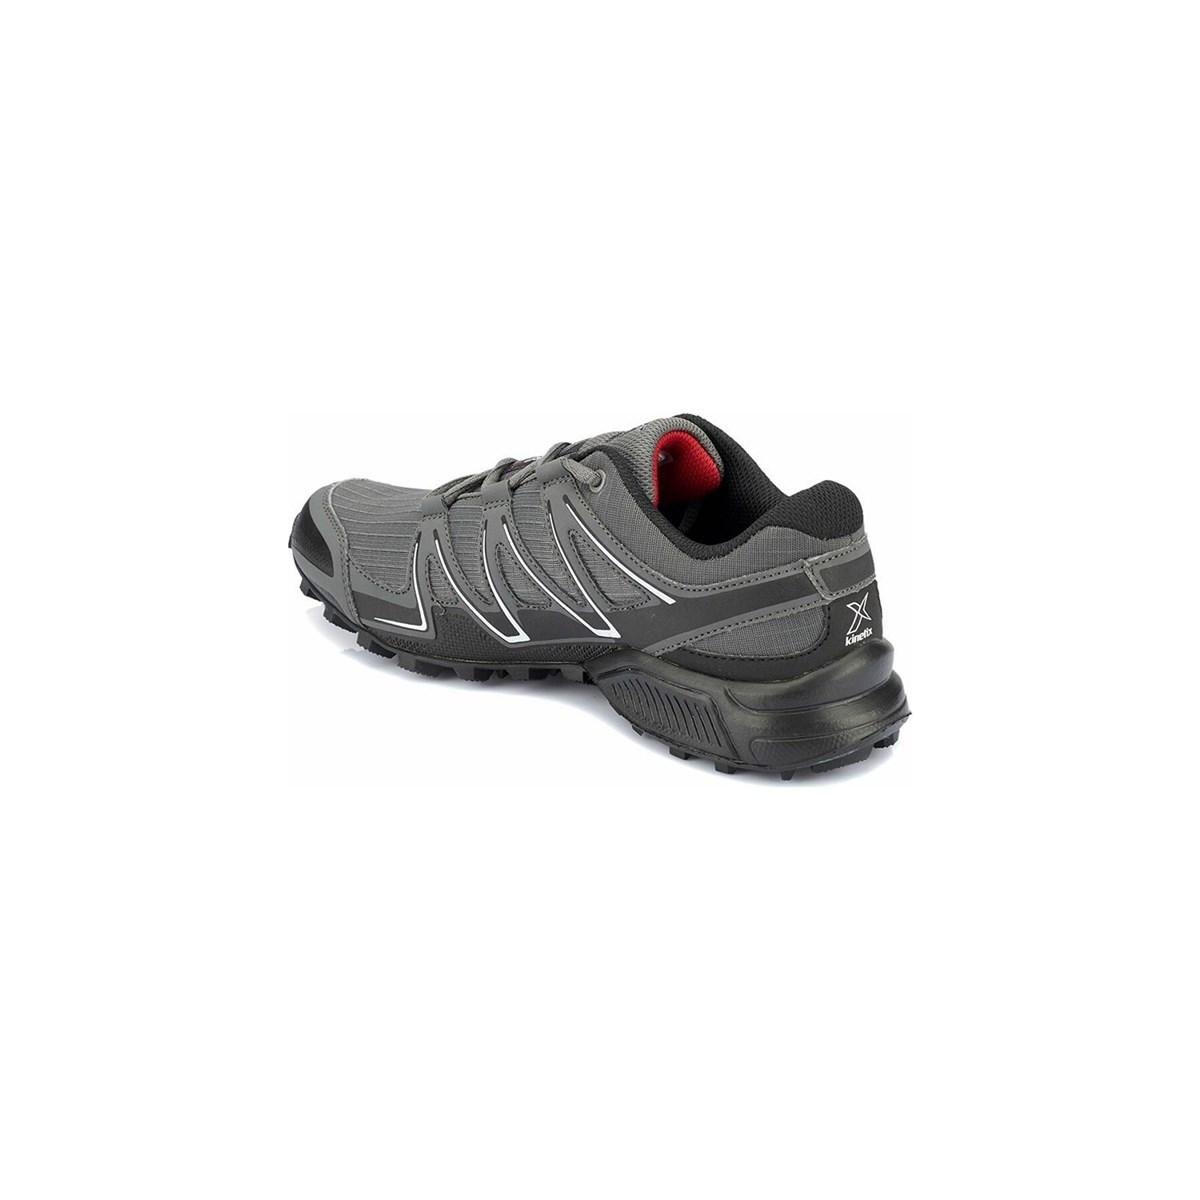 Cedric Erkek Siyah Kırmızı Outdoor Ayakkabı